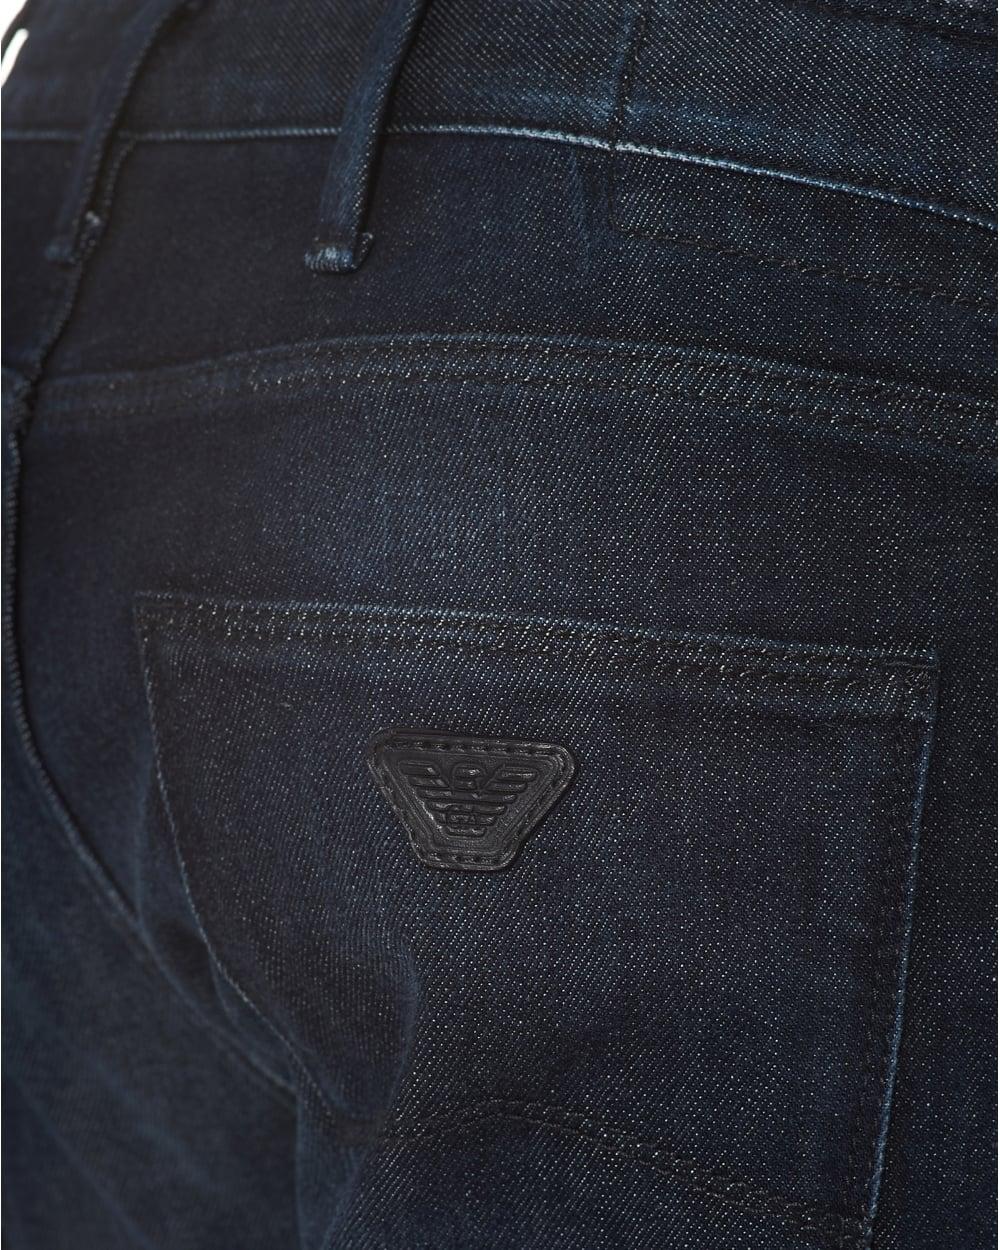 fd8fefdd Mens J06 Jeans, Slim Fit Mid Whisker Navy Denim